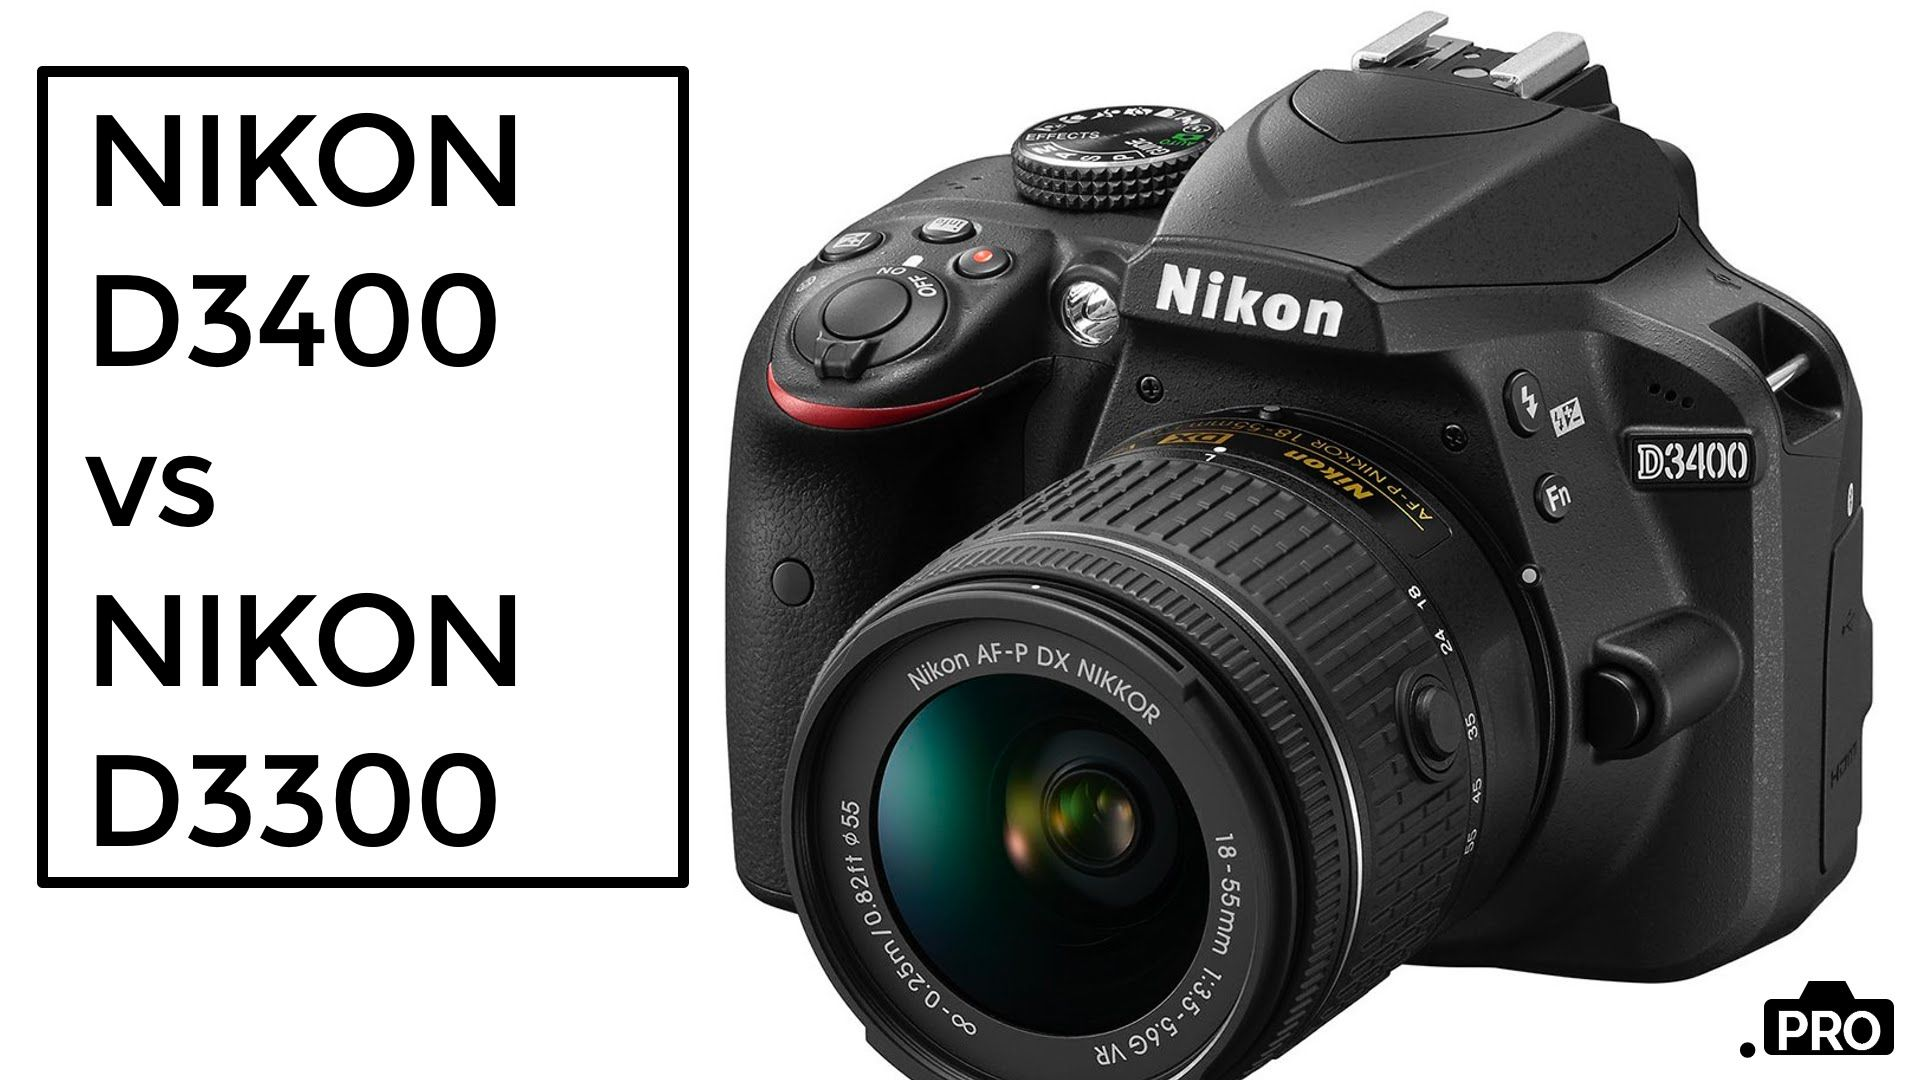 High Nikon Vs Nikon Comprar Y Por Nikon Vs Nikon Comprar Y Por Photography D3300 Or D3400 Reddit D3300 Vs D3400 Specification dpreview D3300 Vs D3400